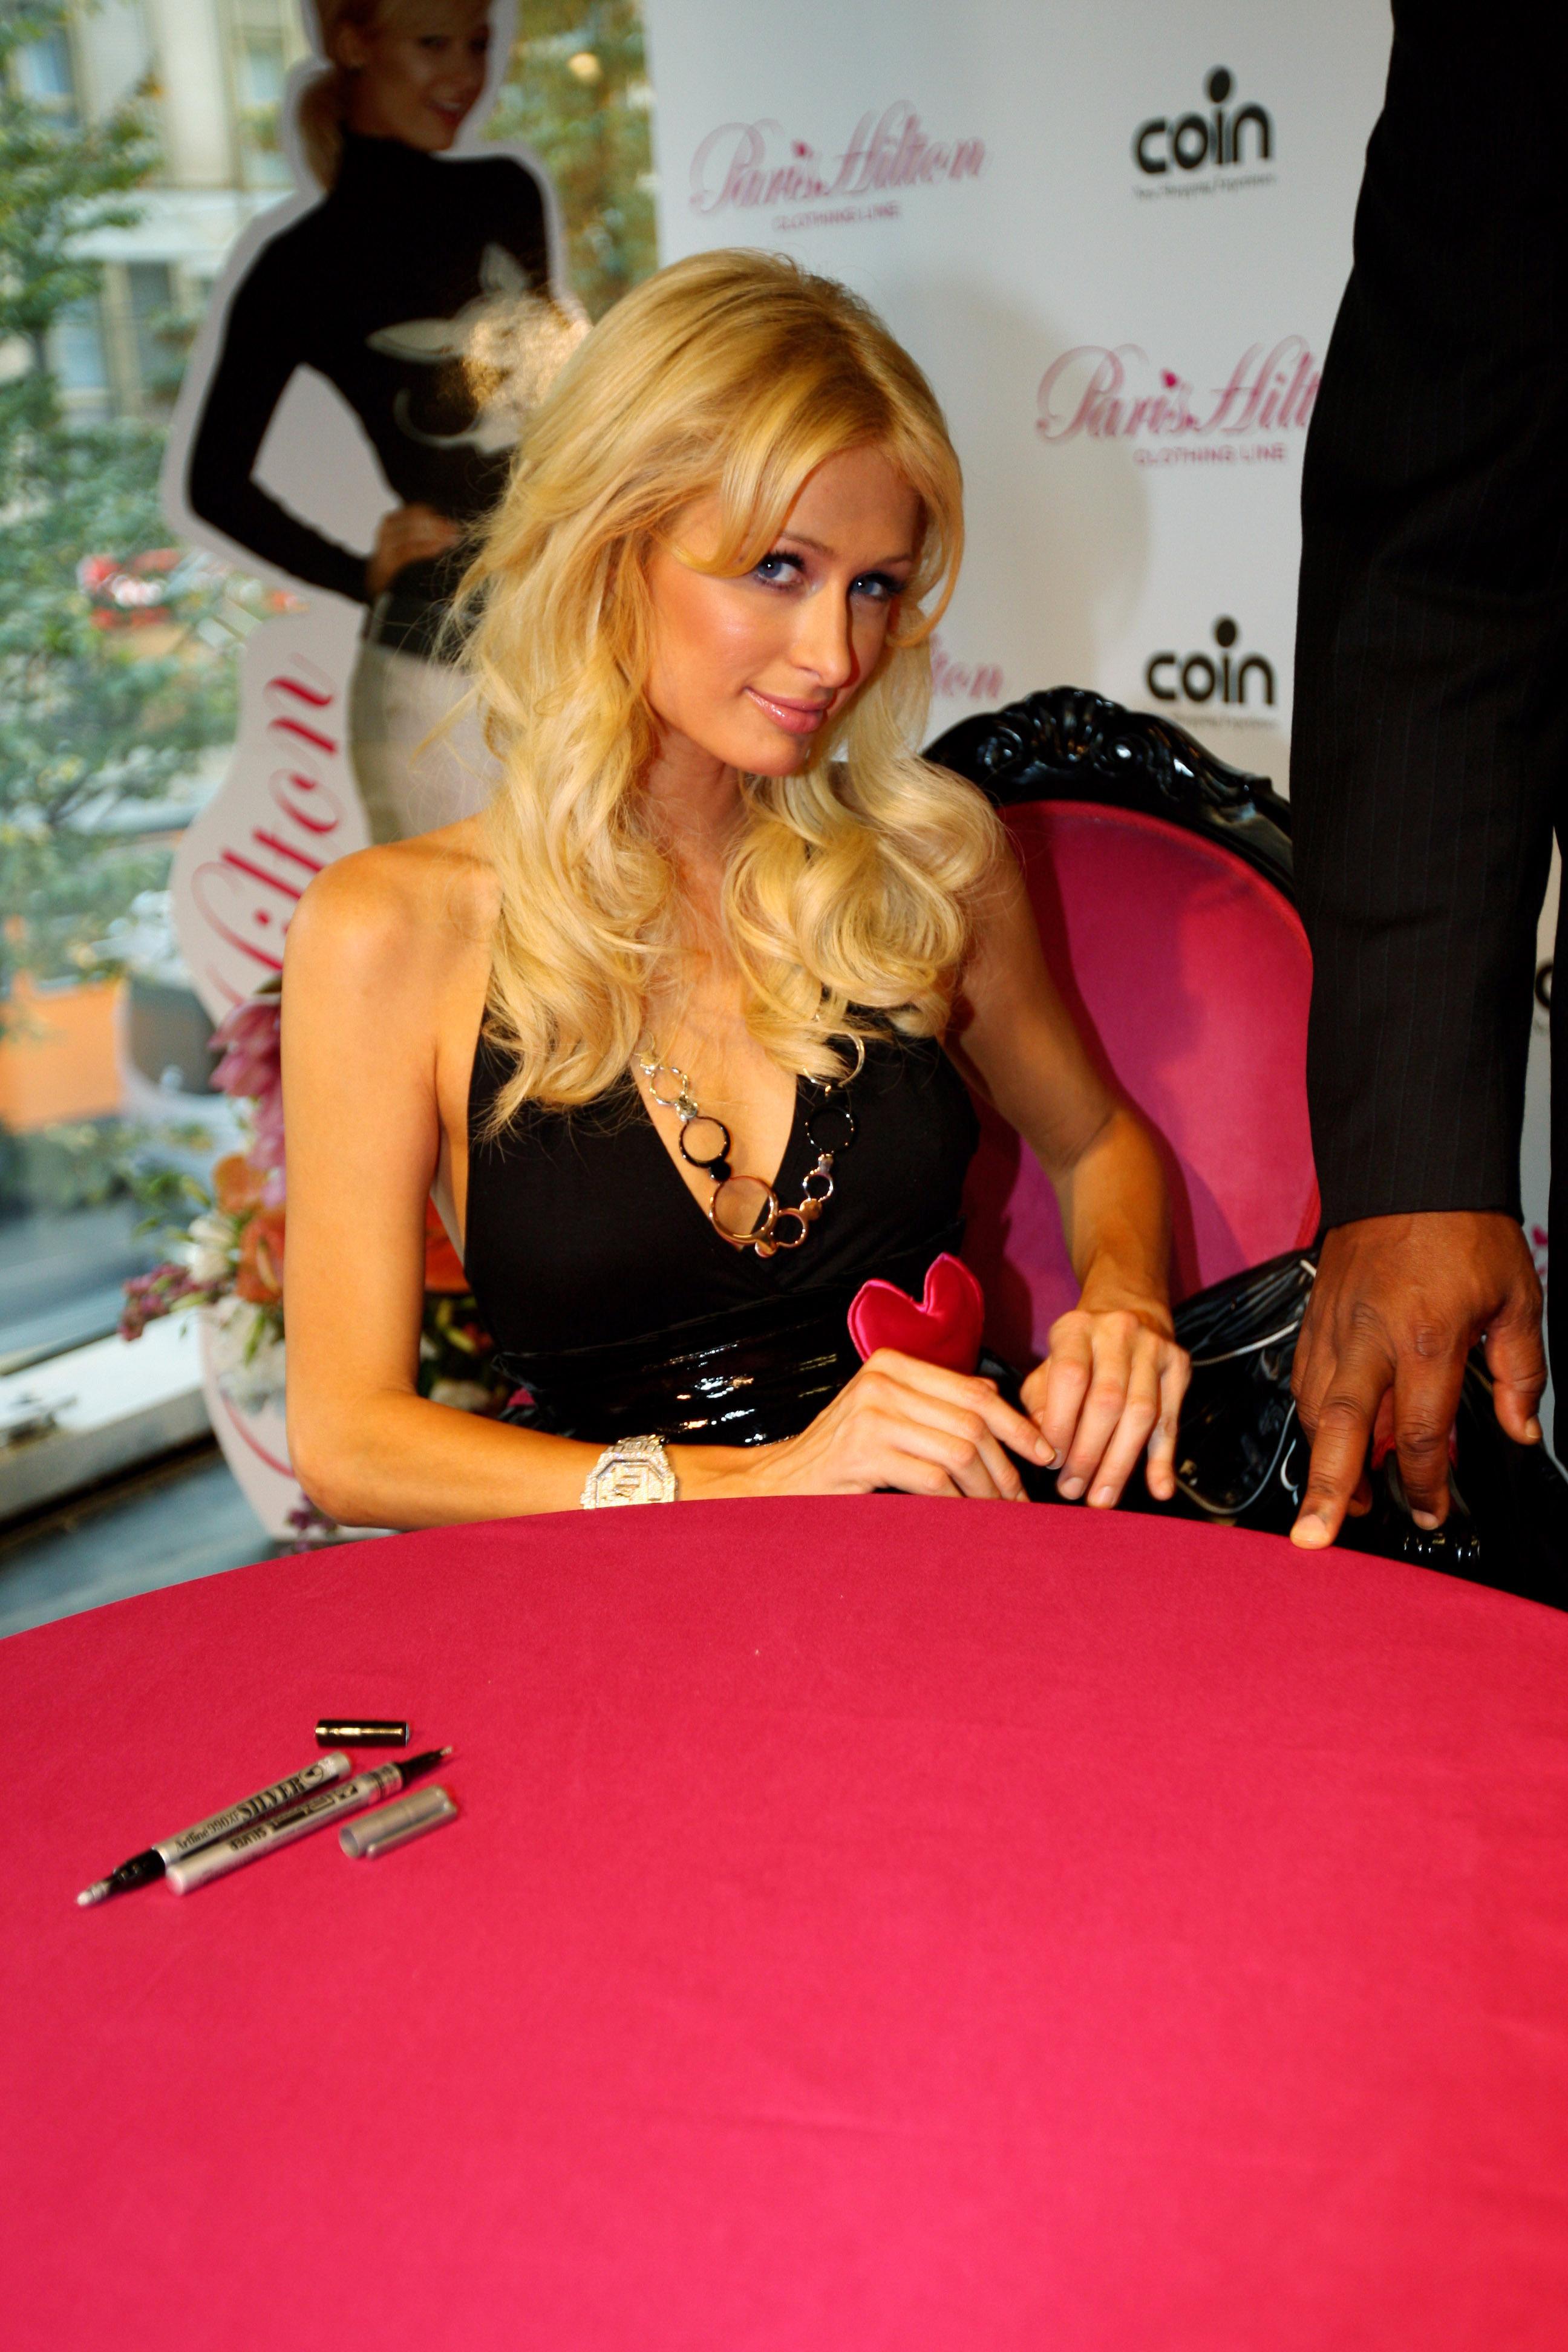 11397_Celebutopia-Paris_Hilton-Launch_of_Paris_Hilton_clothing_line-31_122_771lo.jpg